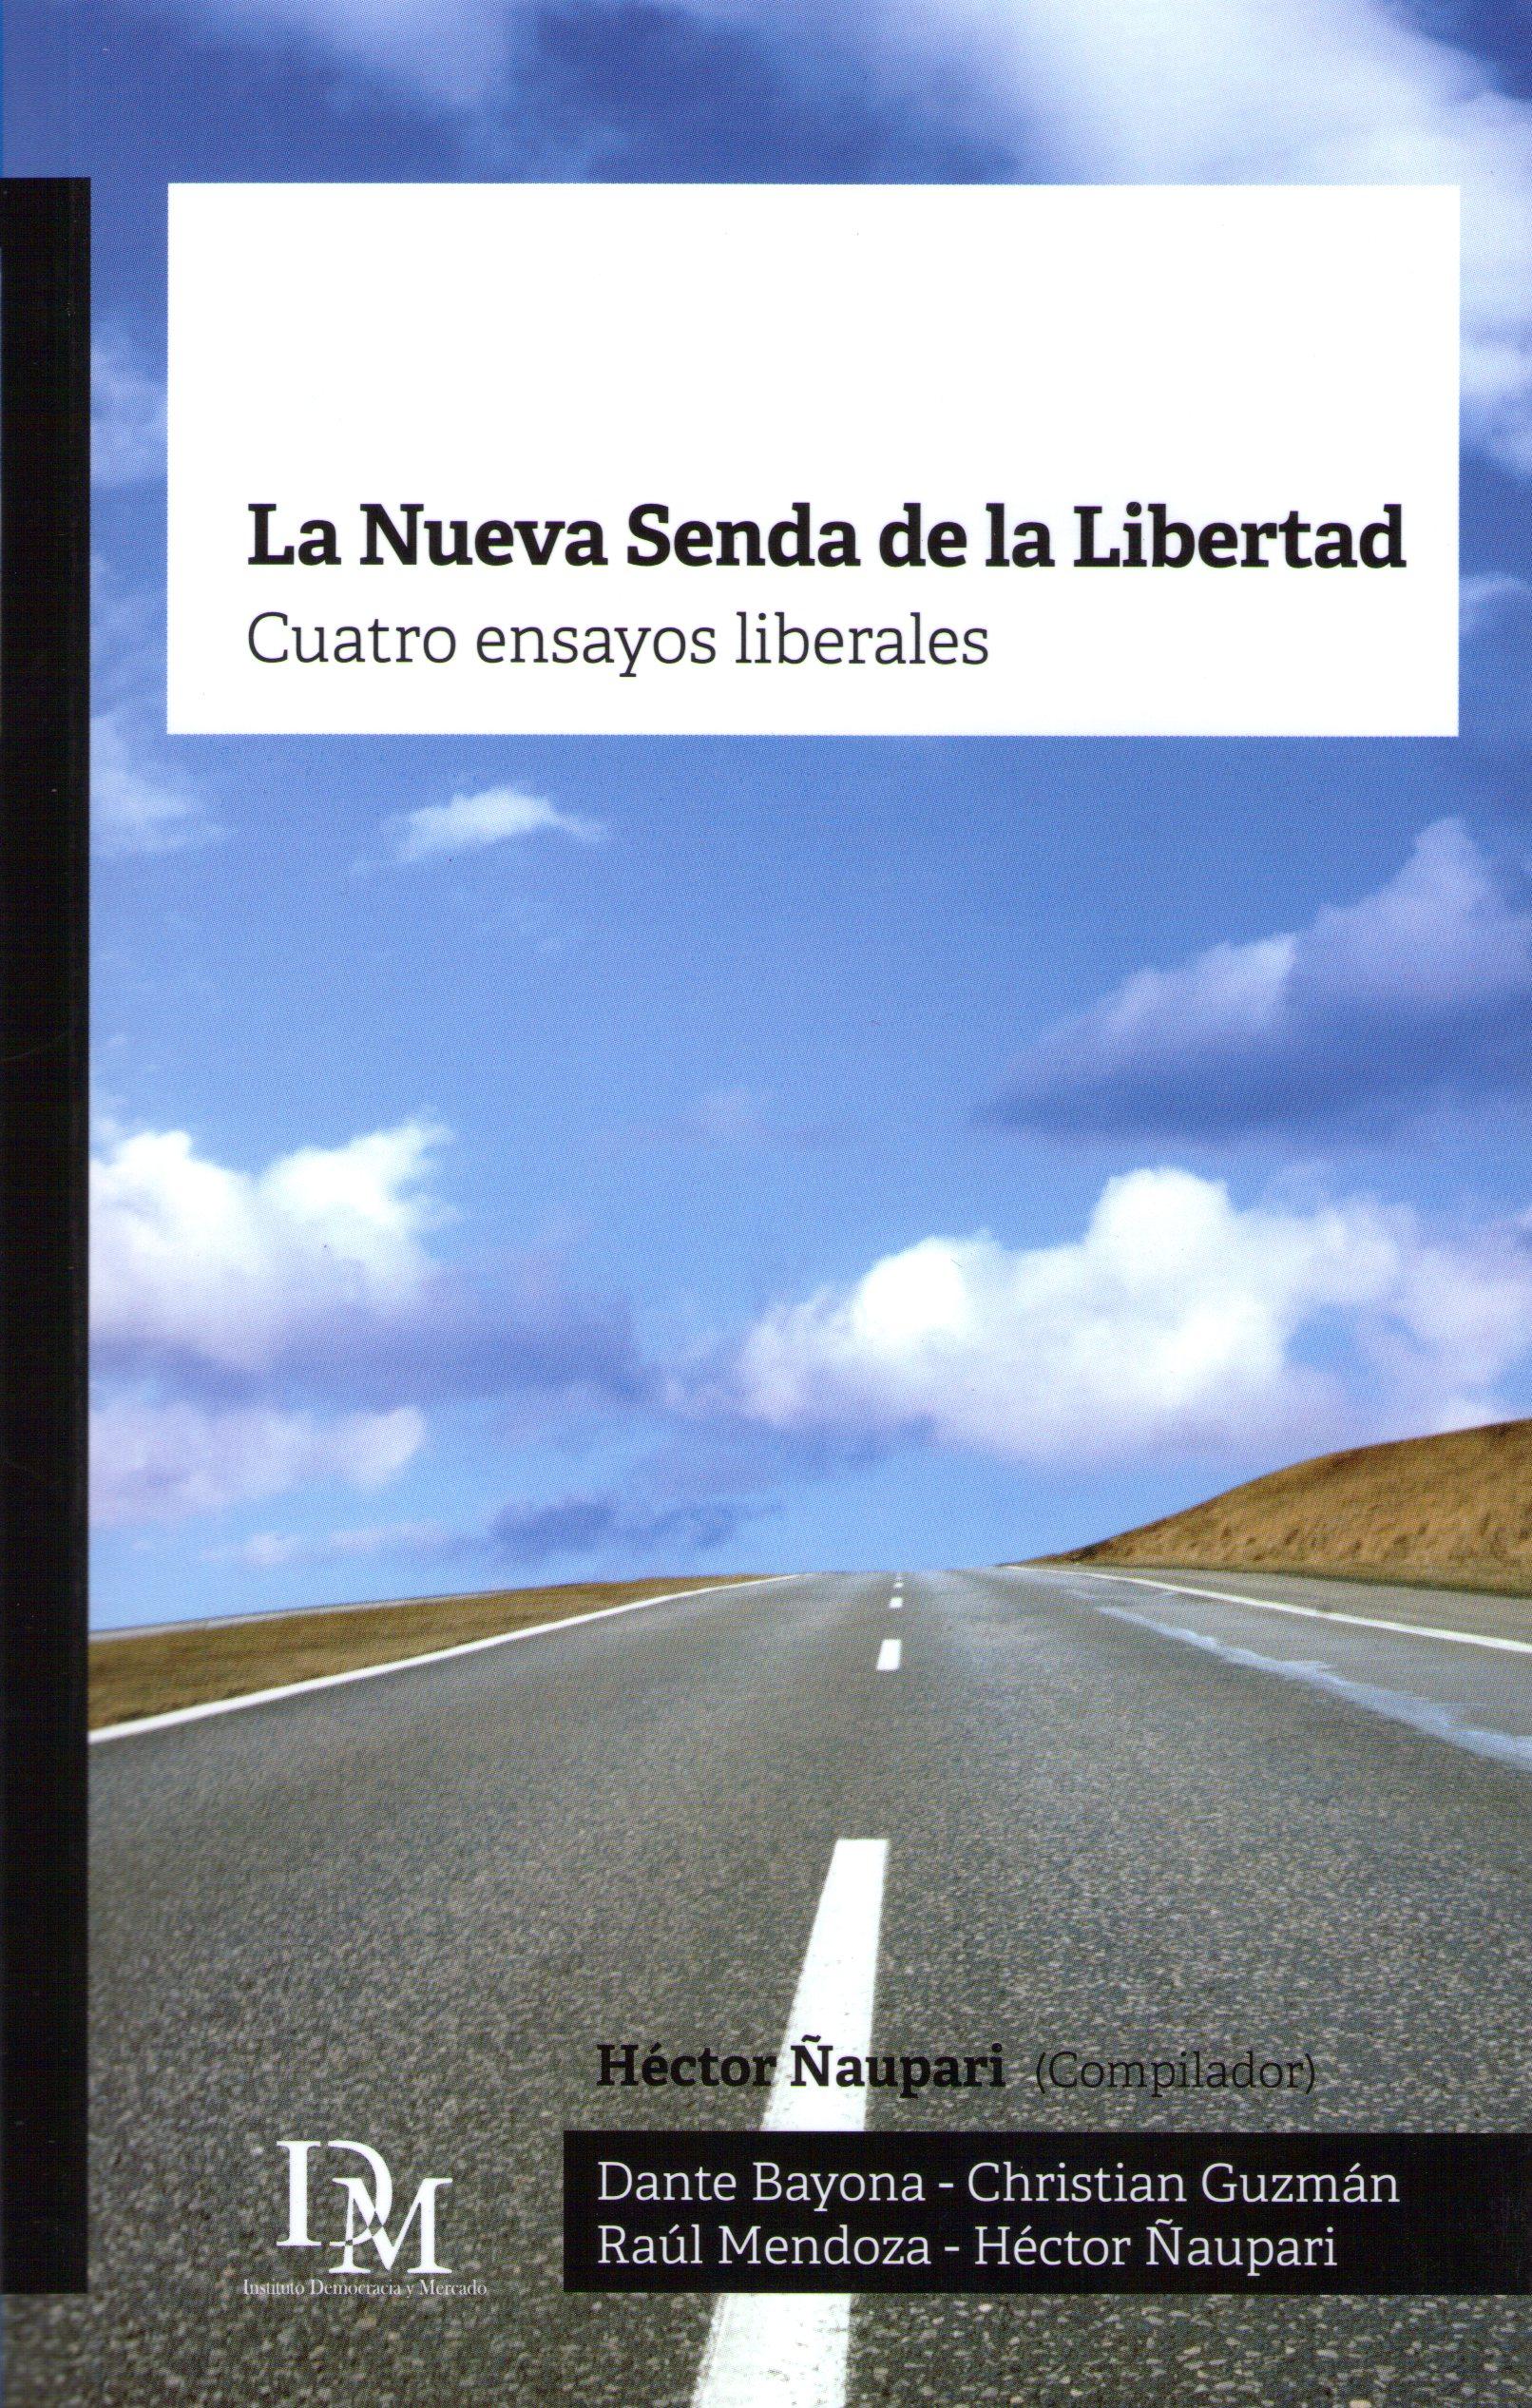 NUEVA SENDA DE LA LIBERTAD001